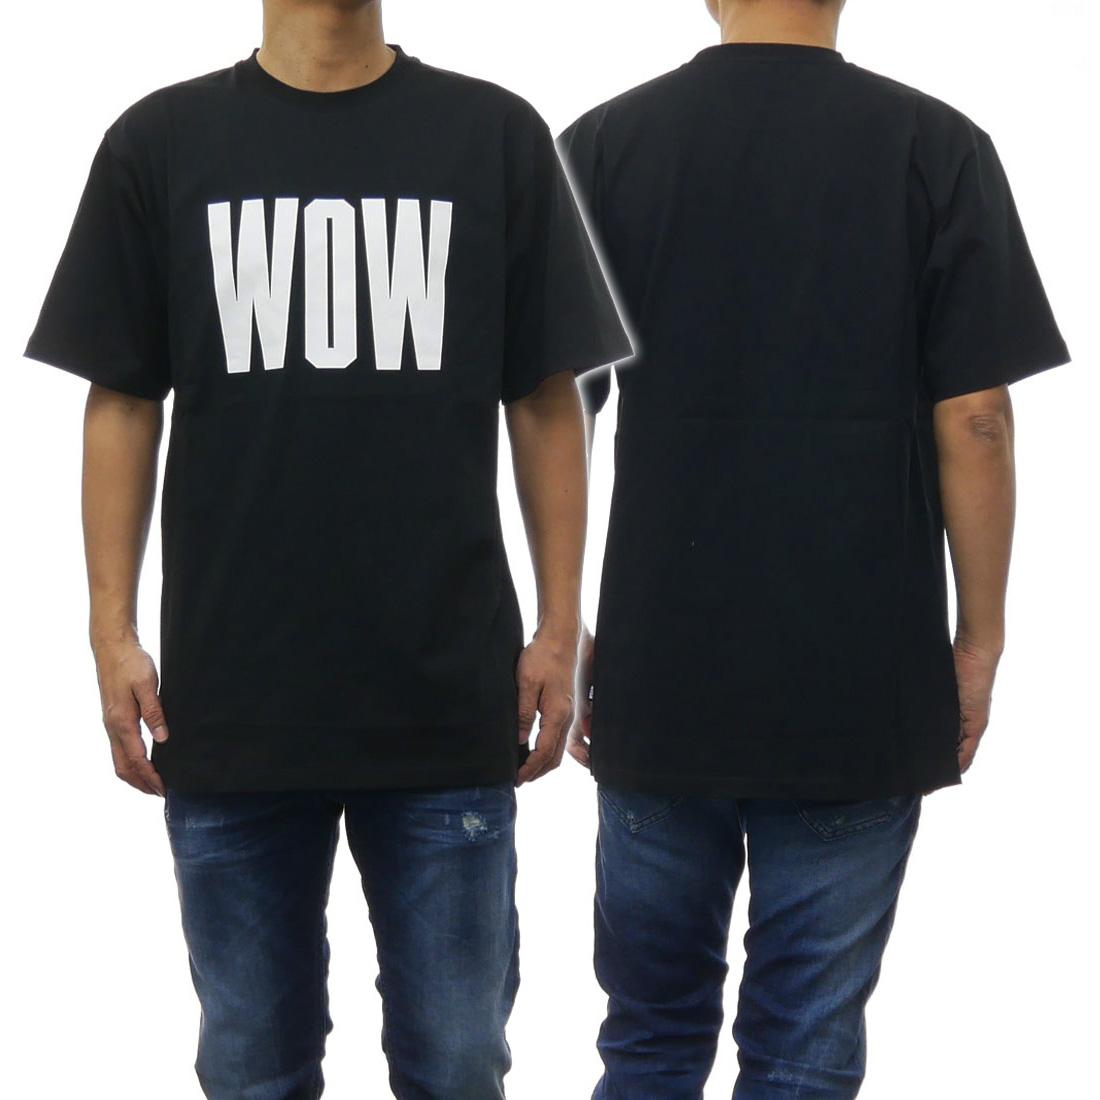 MSGM エムエスジーエム メンズクルーネックTシャツ 2440MM142 184299 ブラック【あす楽対応】